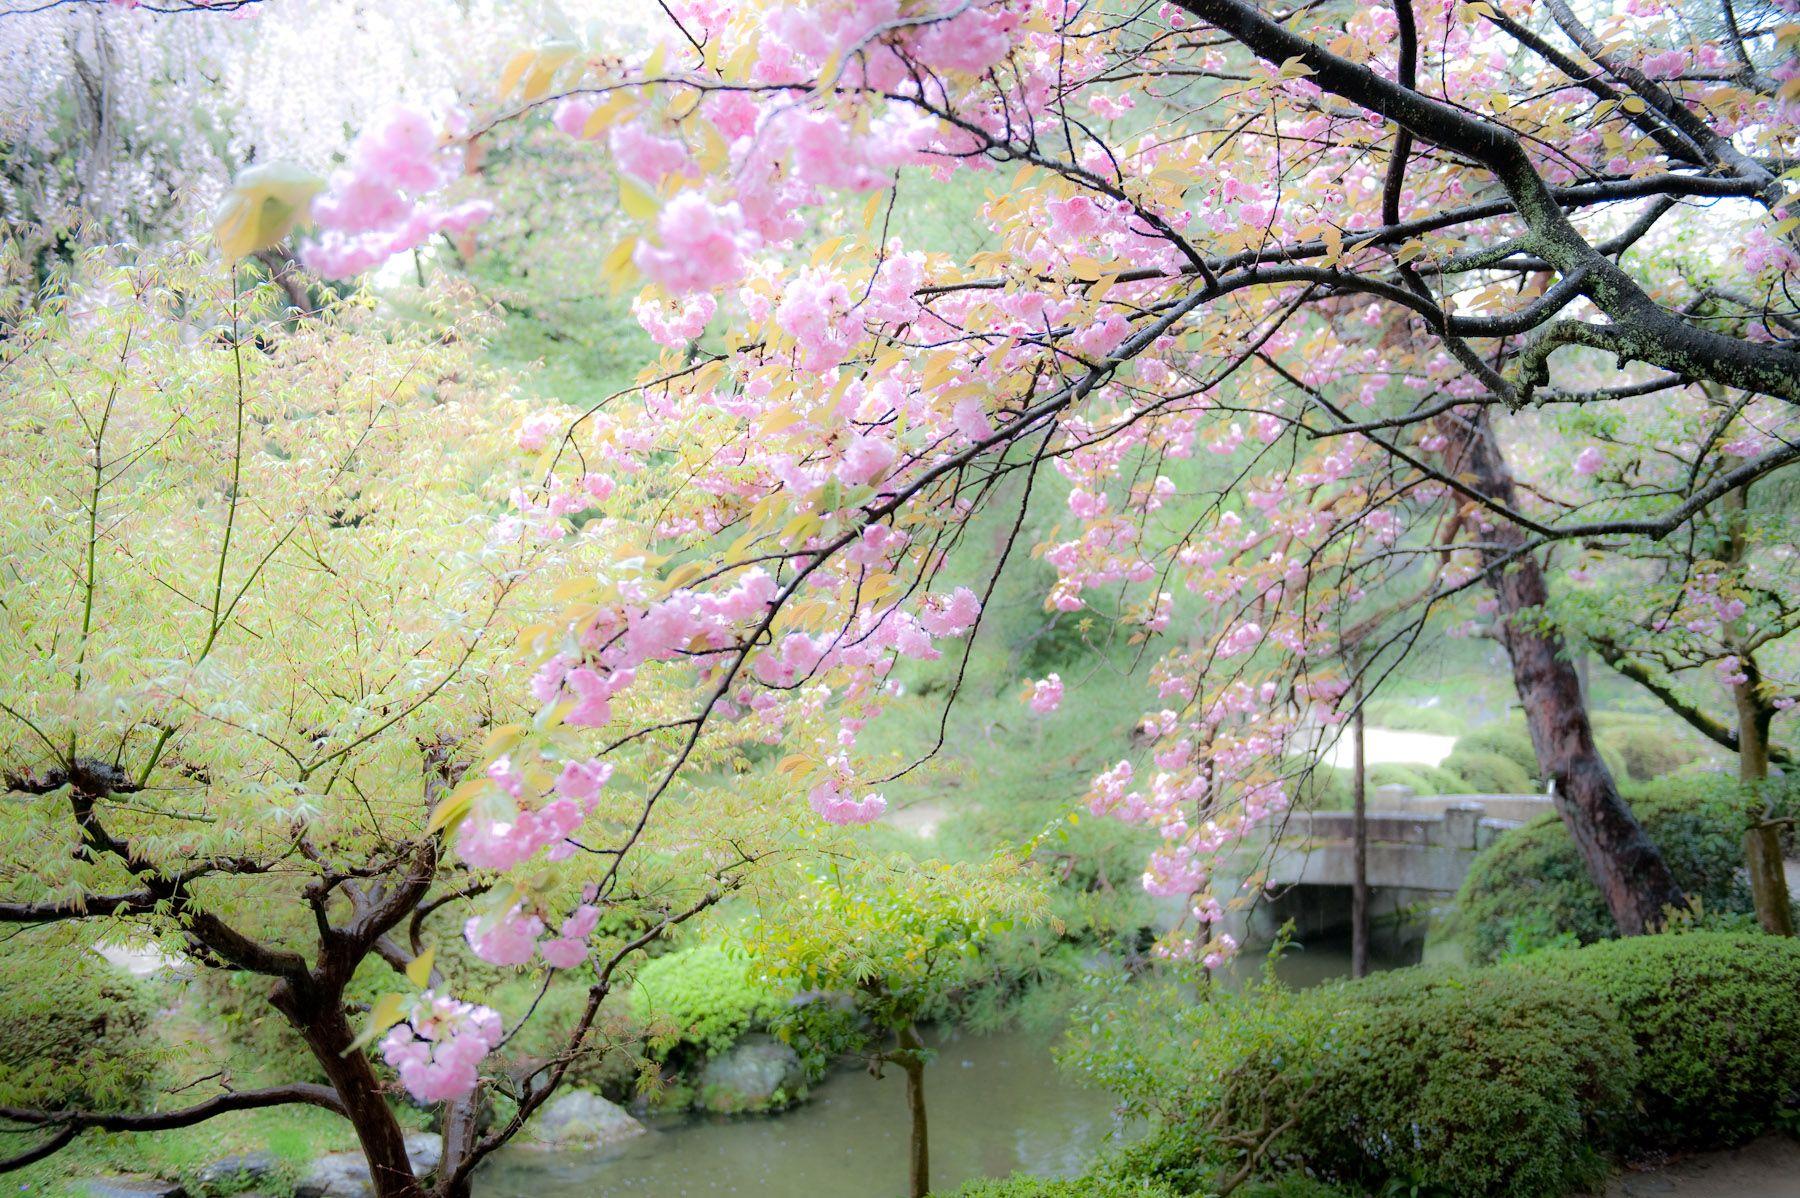 Japanese Cherry Blossom Garden Wallpaper Home Design Ideas Jegygyuru Co Cherry Blossom Wallpaper Japanese Water Gardens Blossom Garden